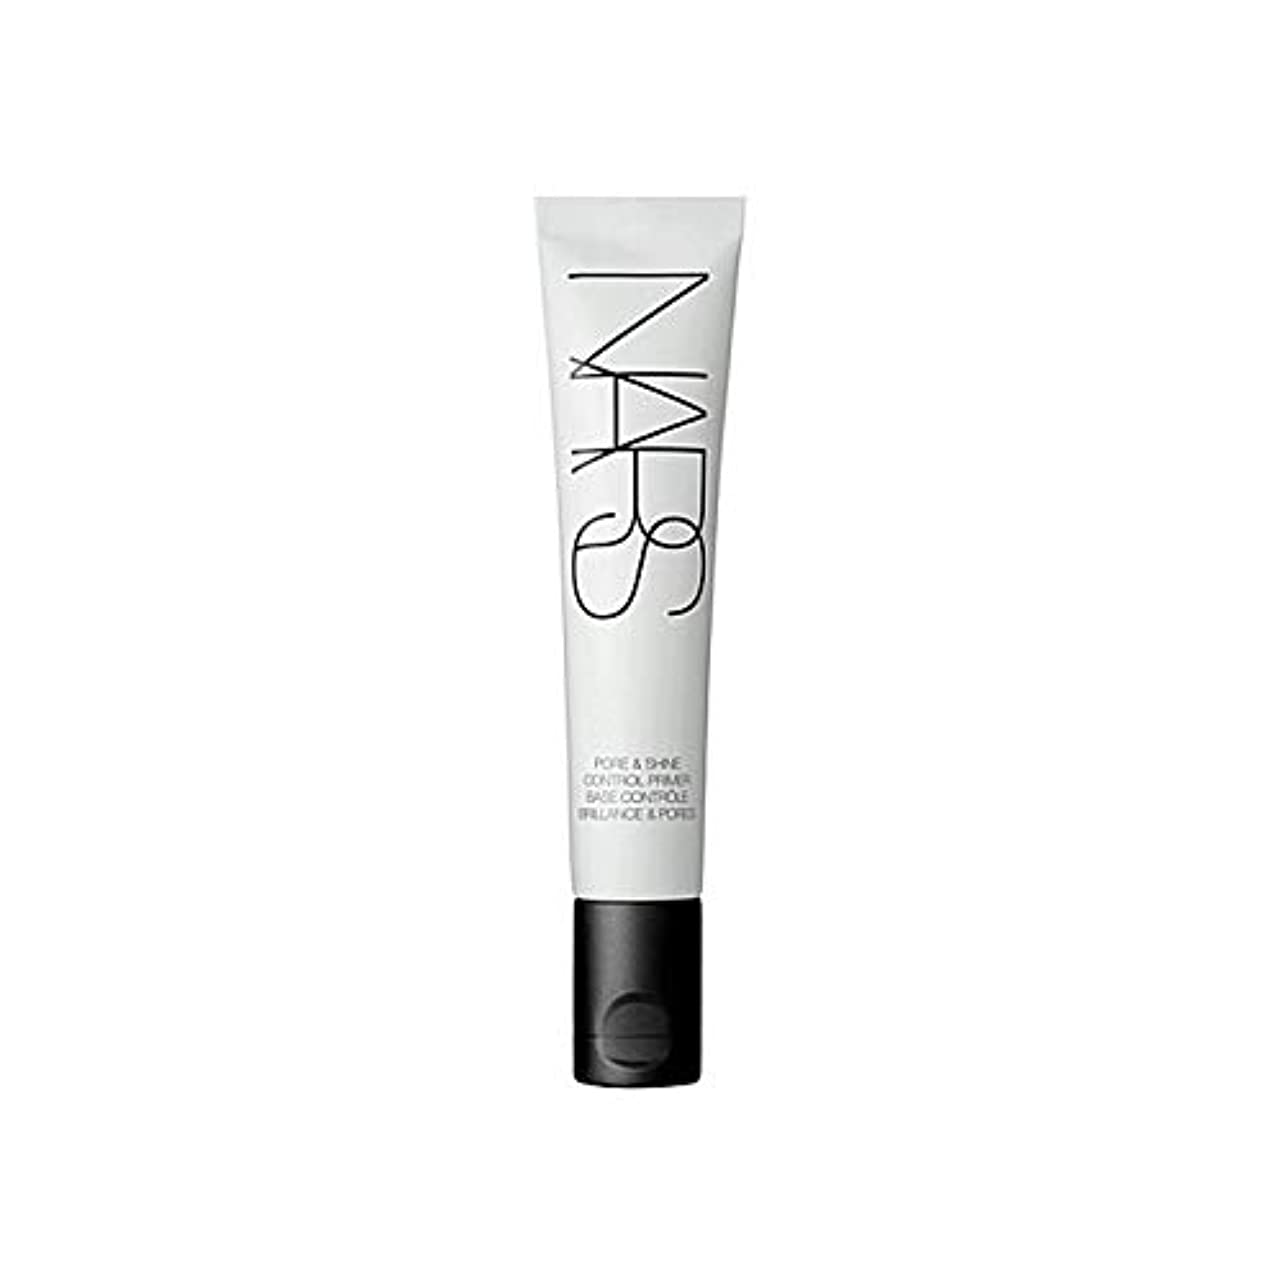 企業標準最高[Nars] Narは、細孔&コントロールプライマーを照らします - Nars Pore & Shine Control Primer [並行輸入品]